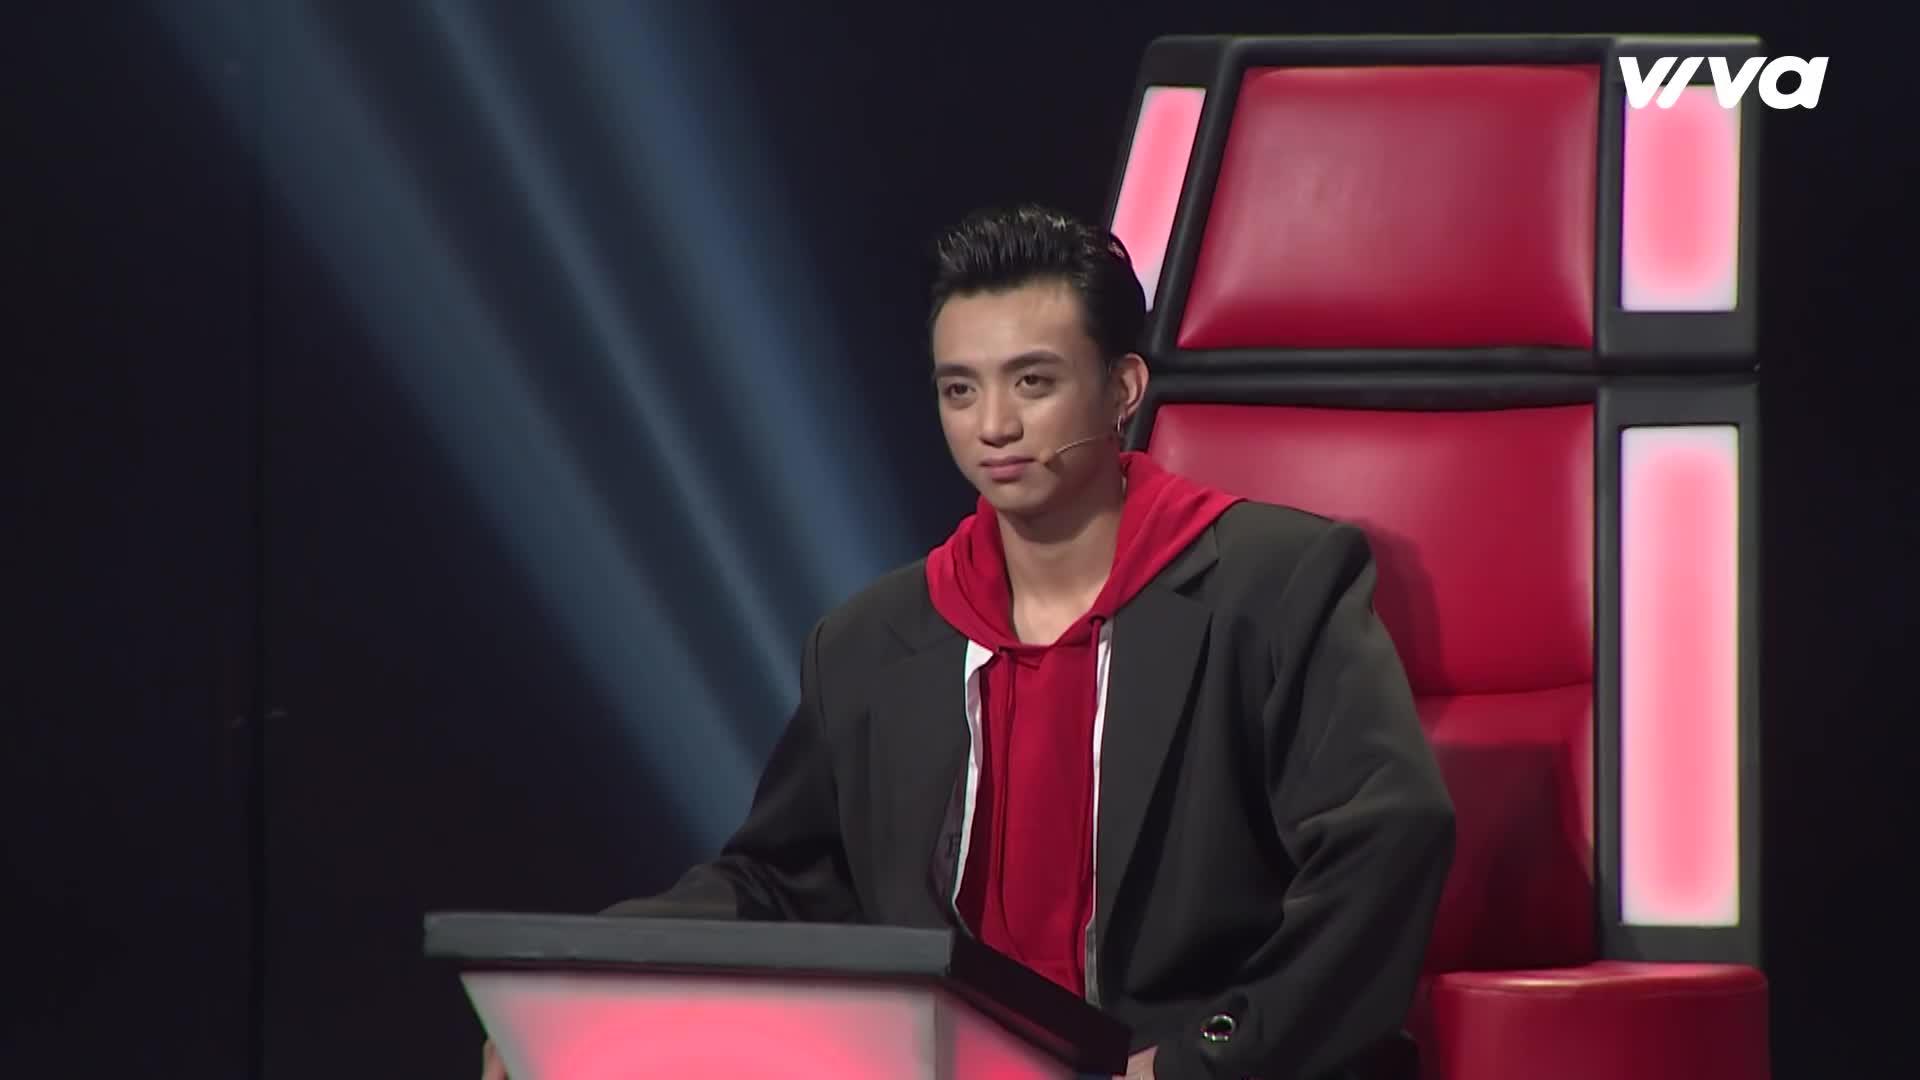 Giọng hát Việt nhí: Dàn thí sinh rủ nhau lột xác tranh suất vào Top 3 mỗi đội